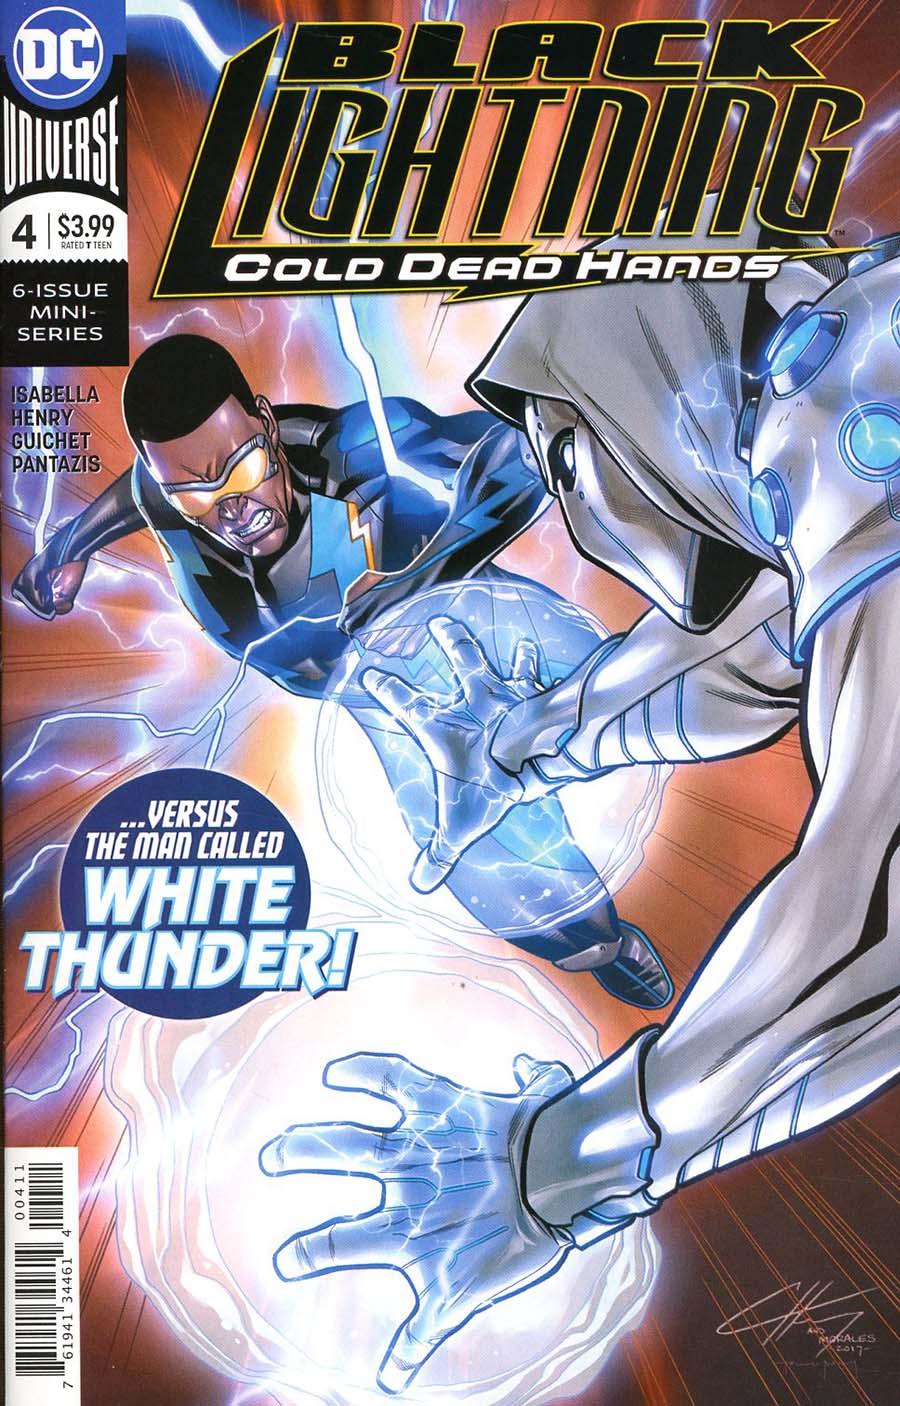 Black Lightning Cold Dead Hands #4